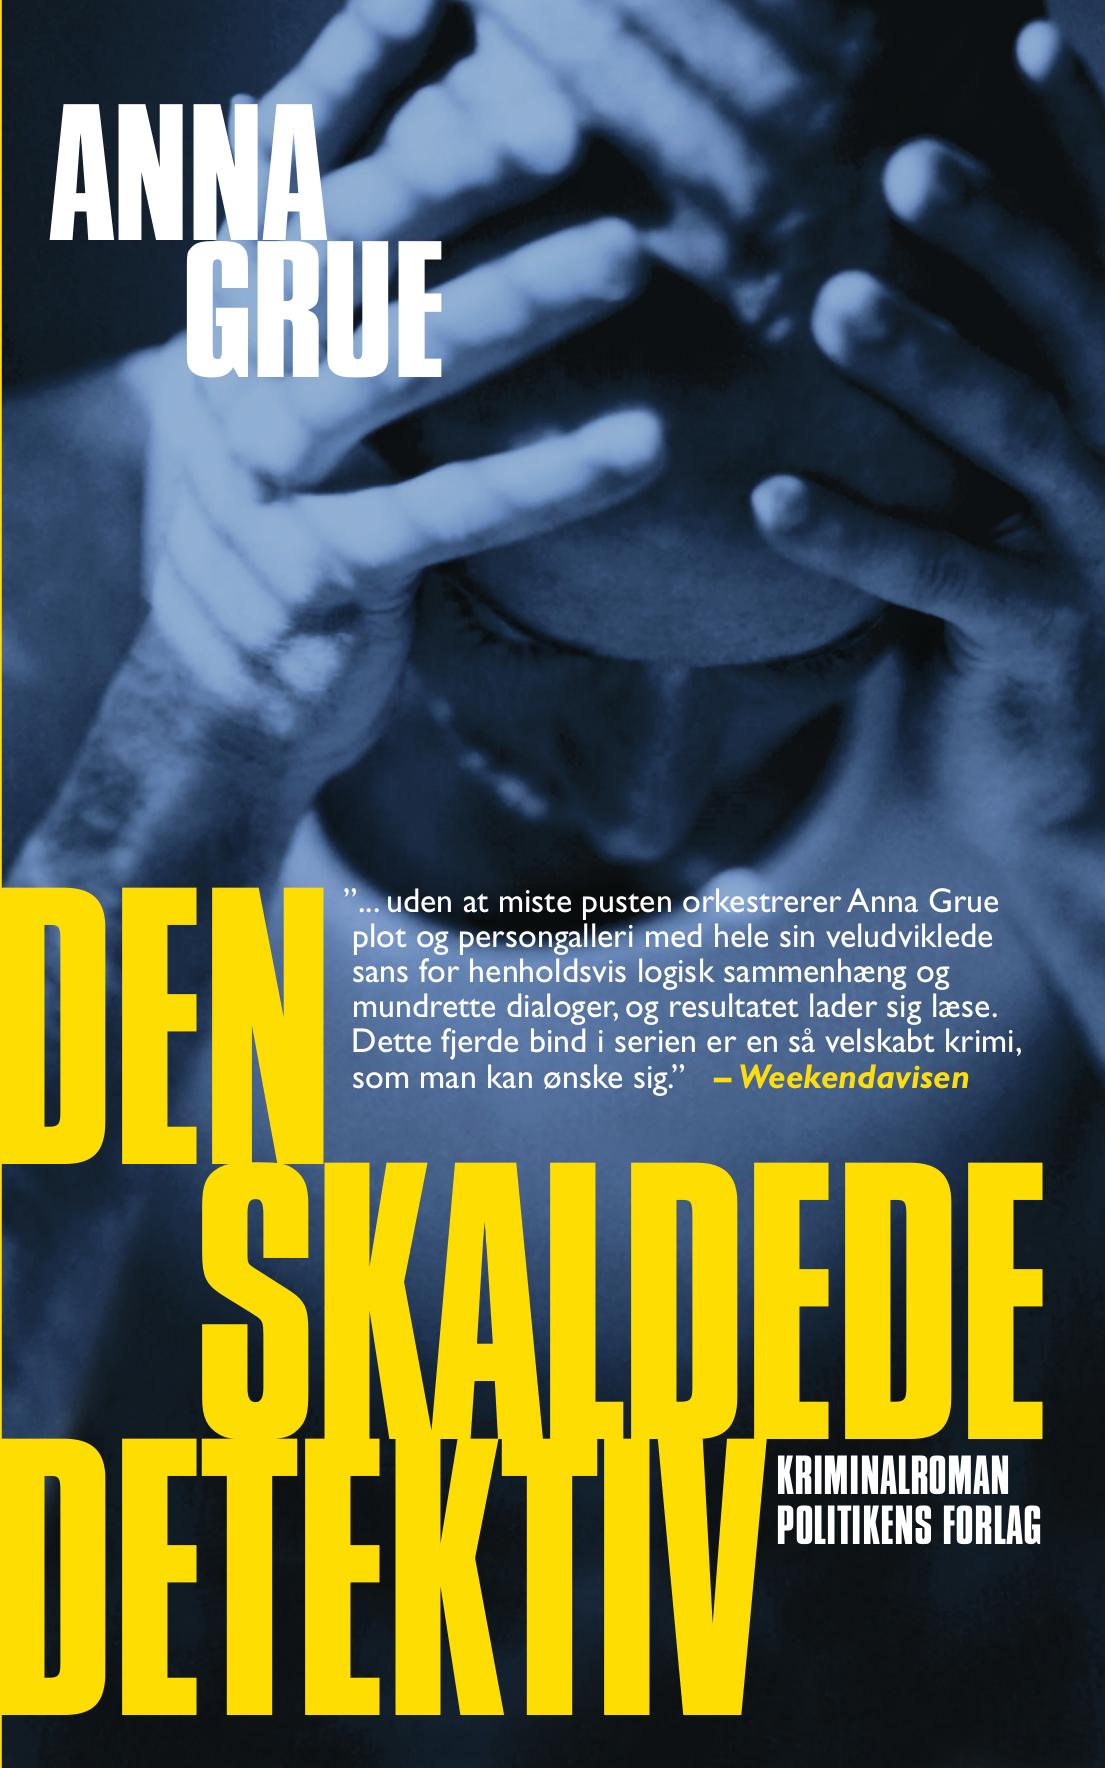 Den skaldede detektiv | Anna Grue | Politikens Forlag